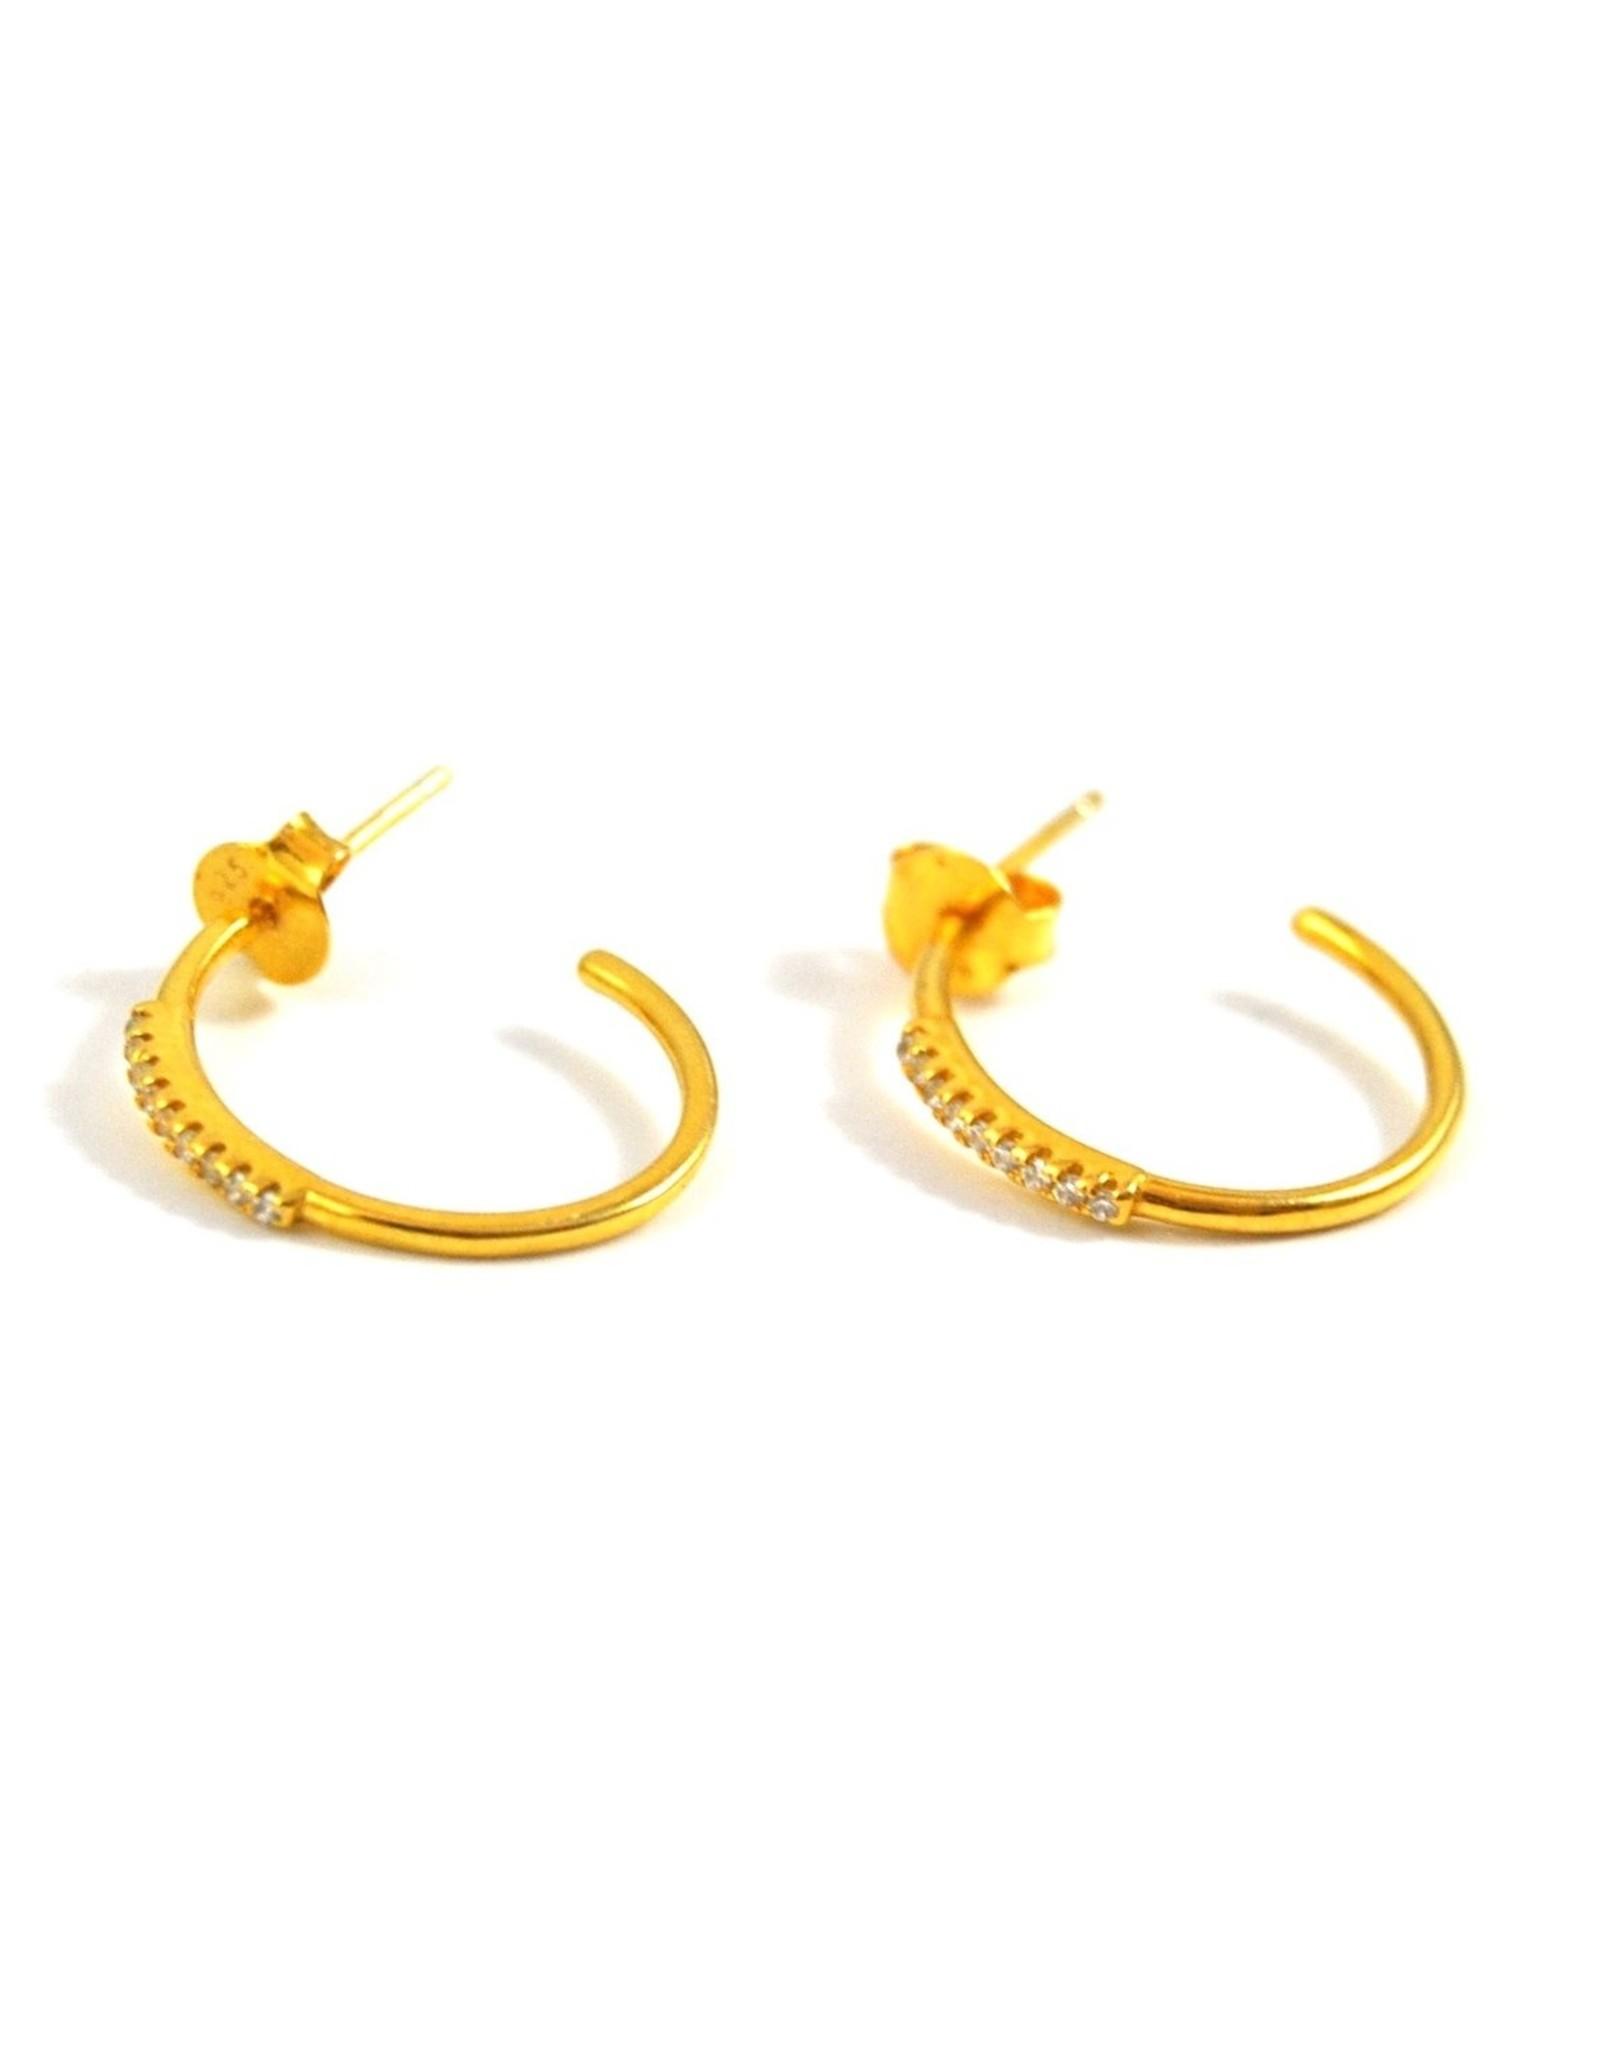 f.y.b. f.y.b. - Earrings Coco Huggie Gold